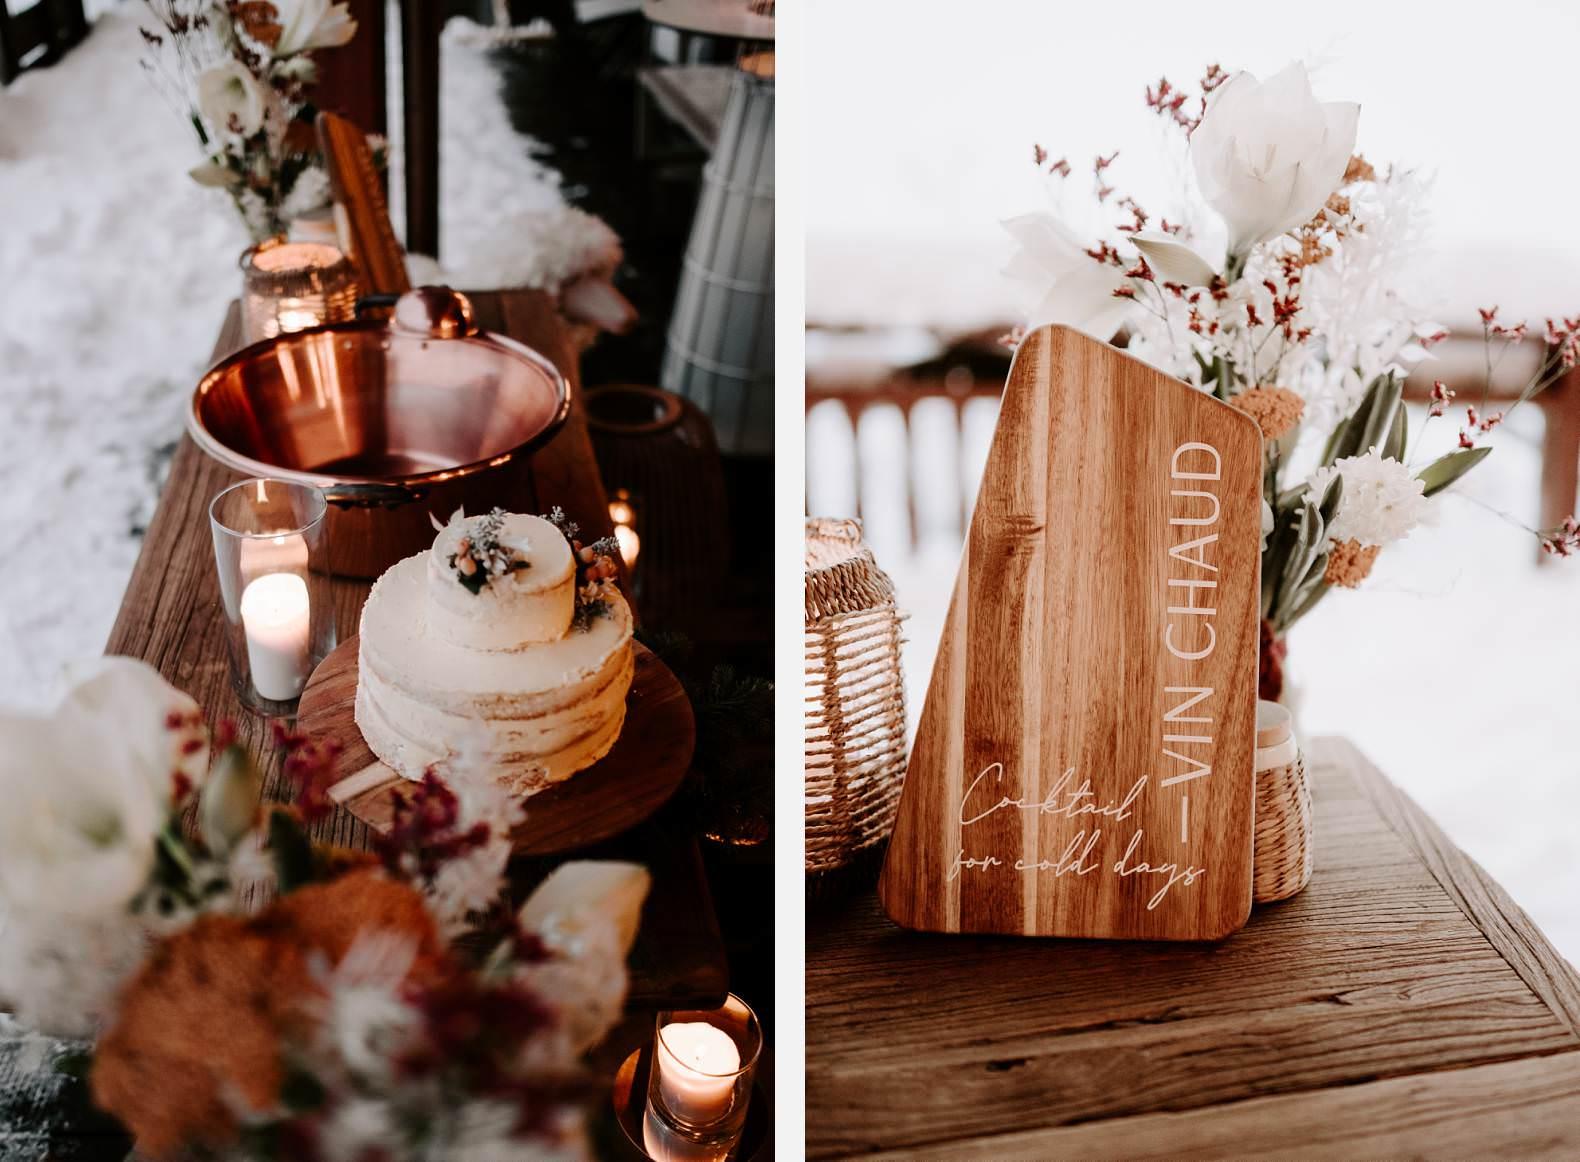 mariage hiver alpes huez isere hotel grandes rousses photographe bel esprit 0038